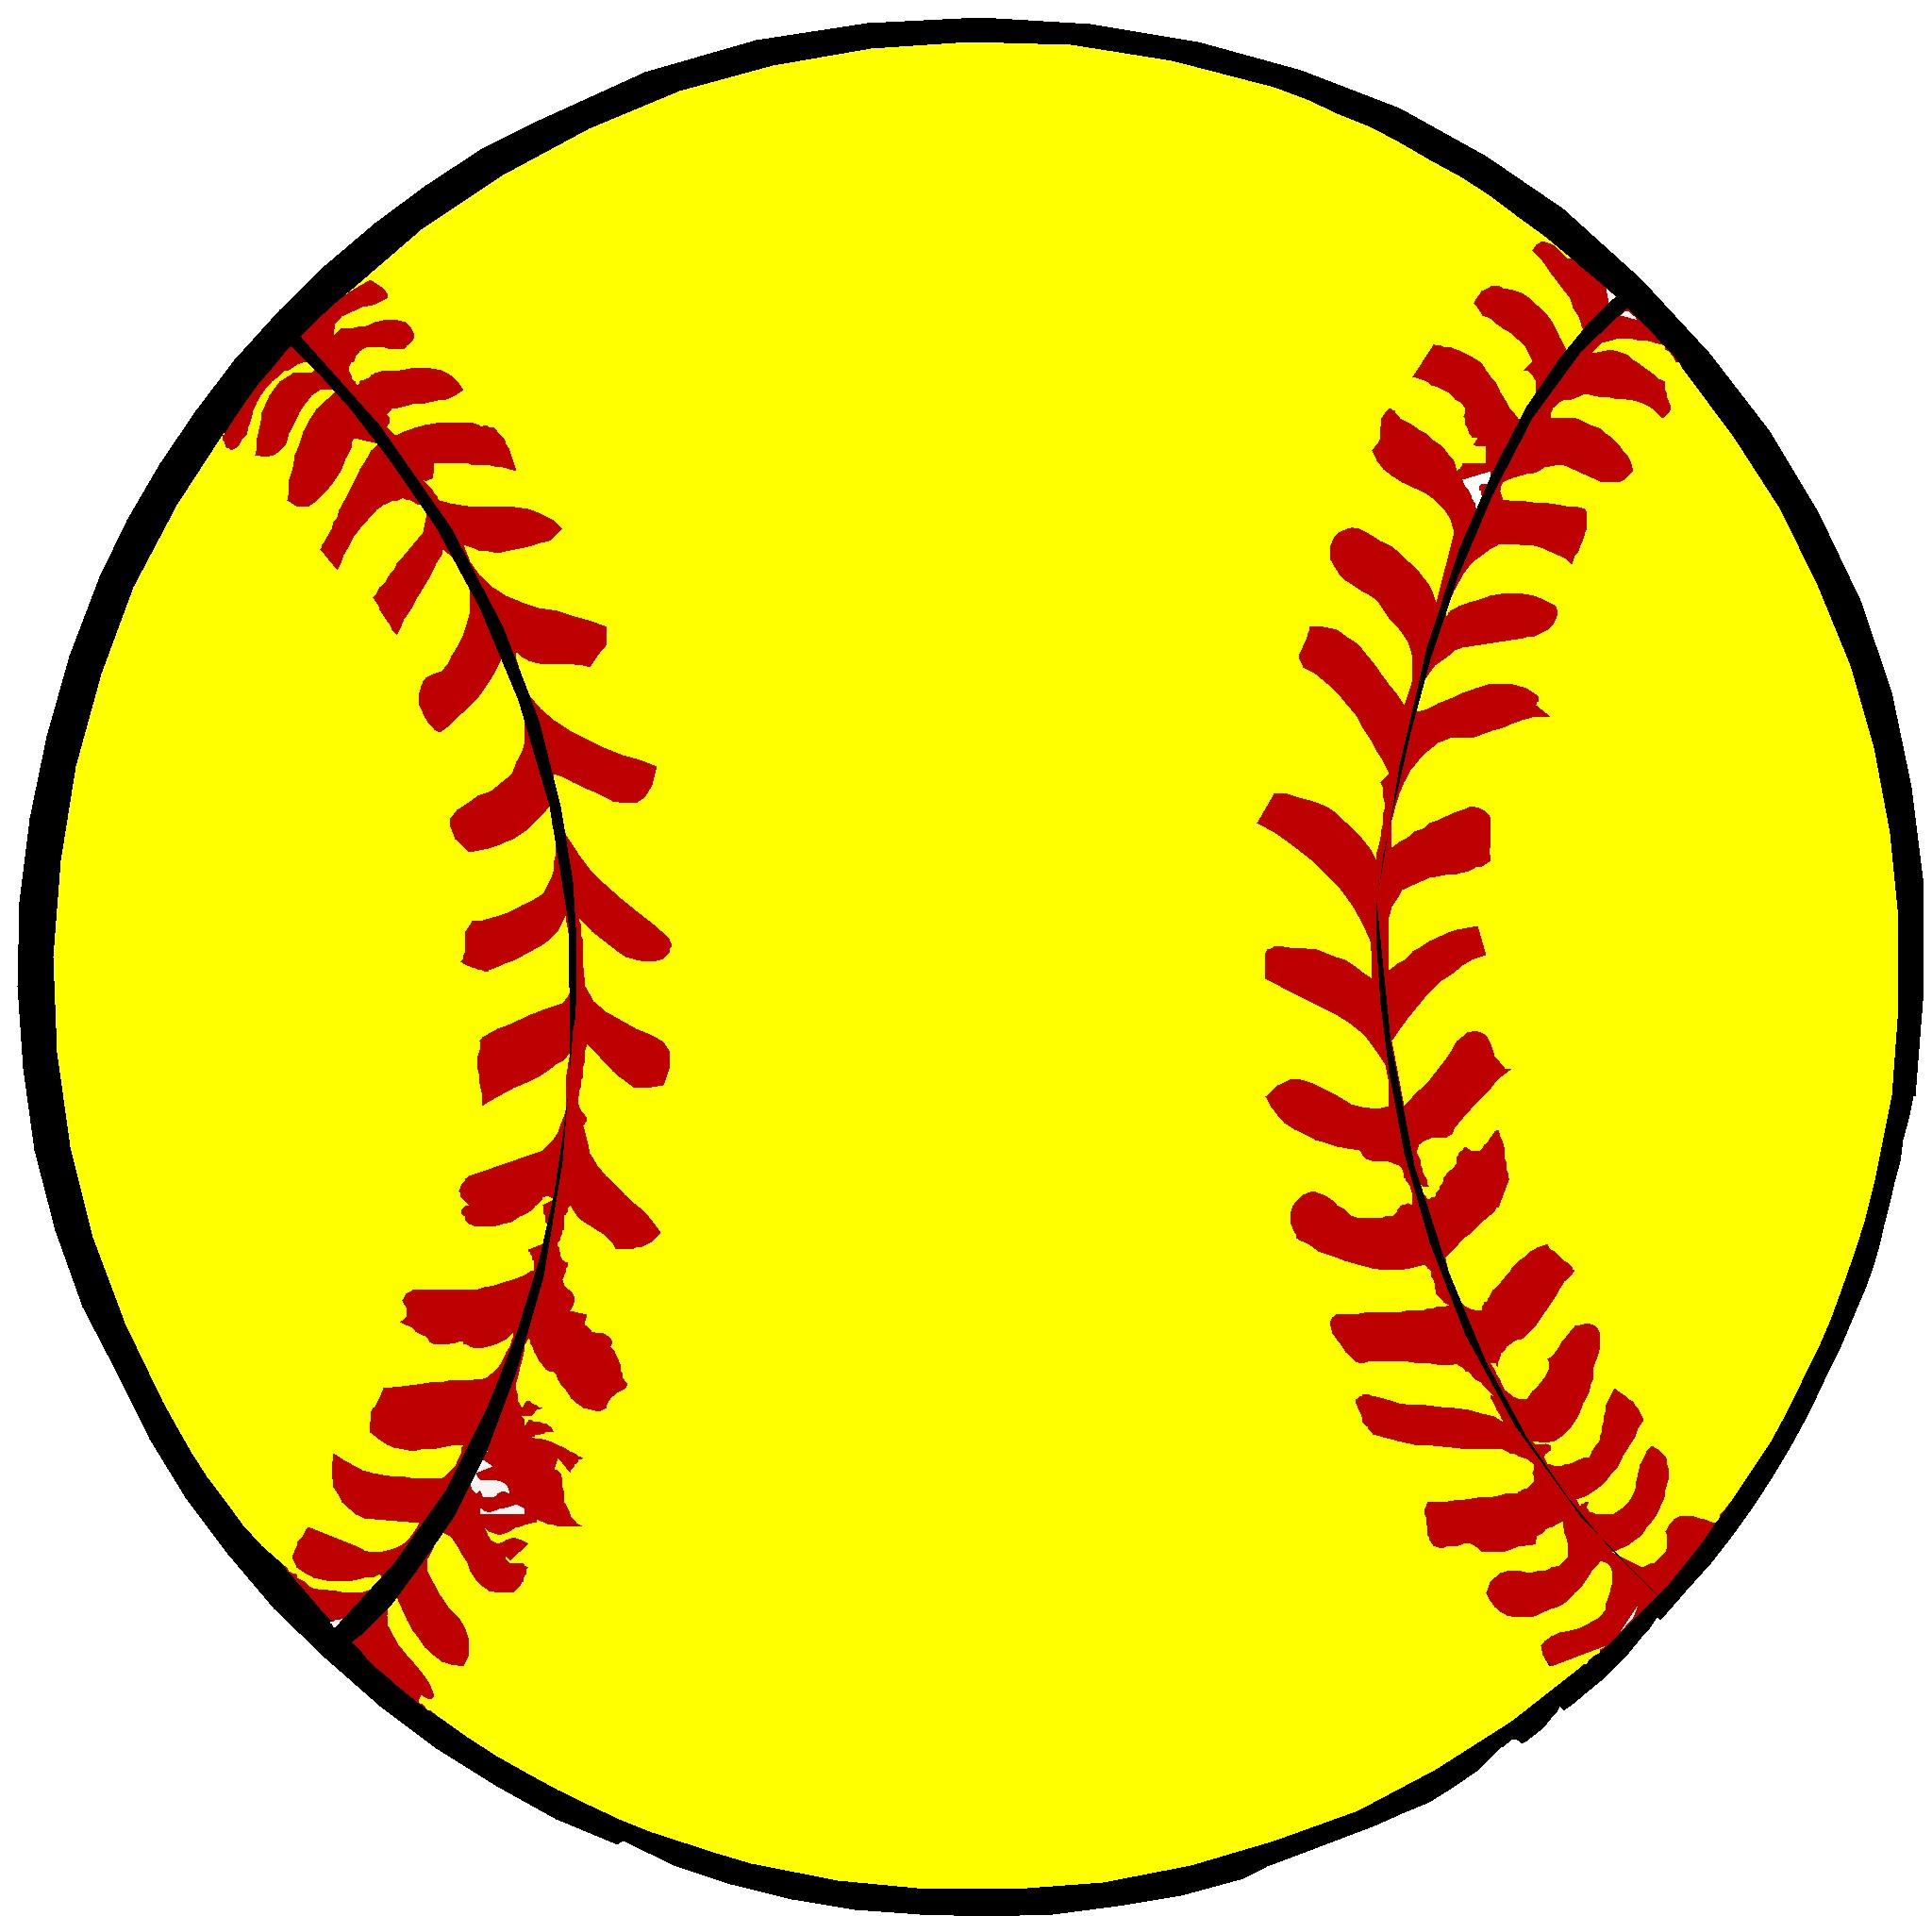 2048x2031 Best Softball Clip Art